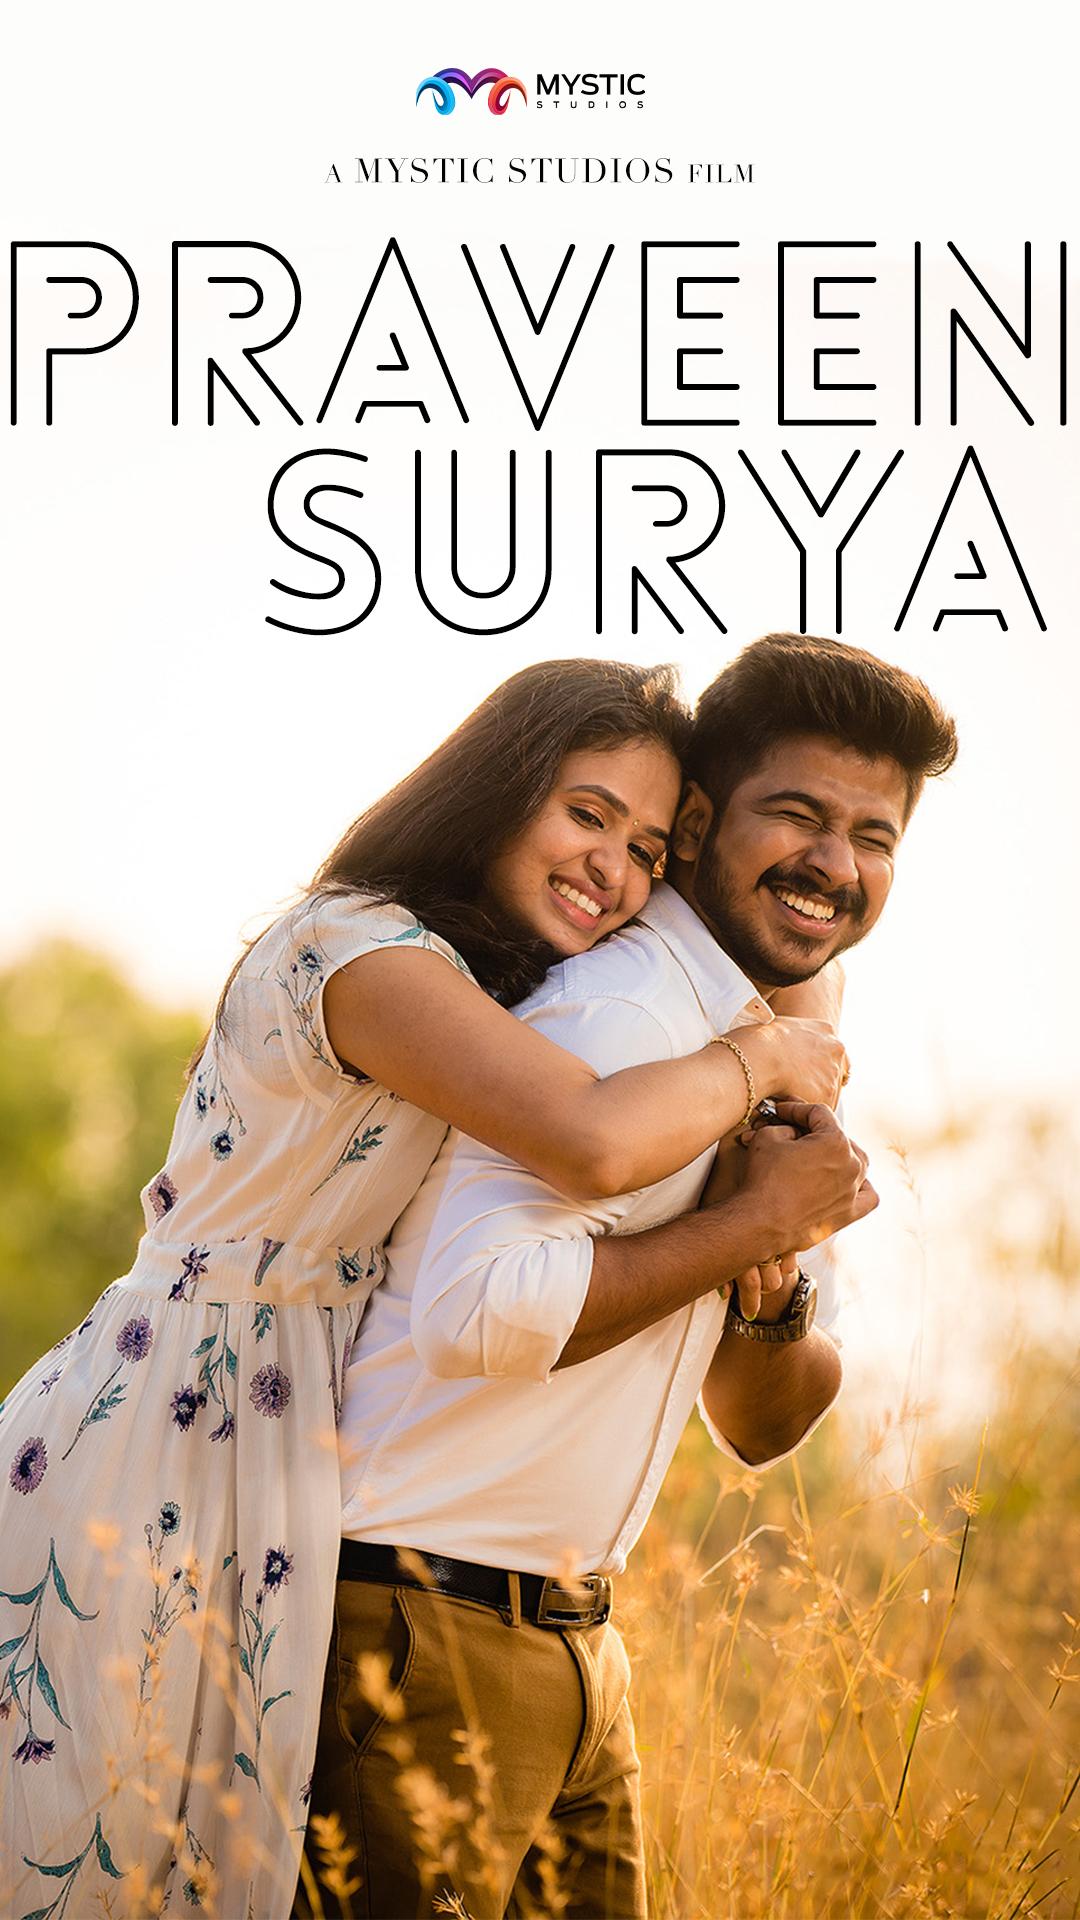 Praveen Surya